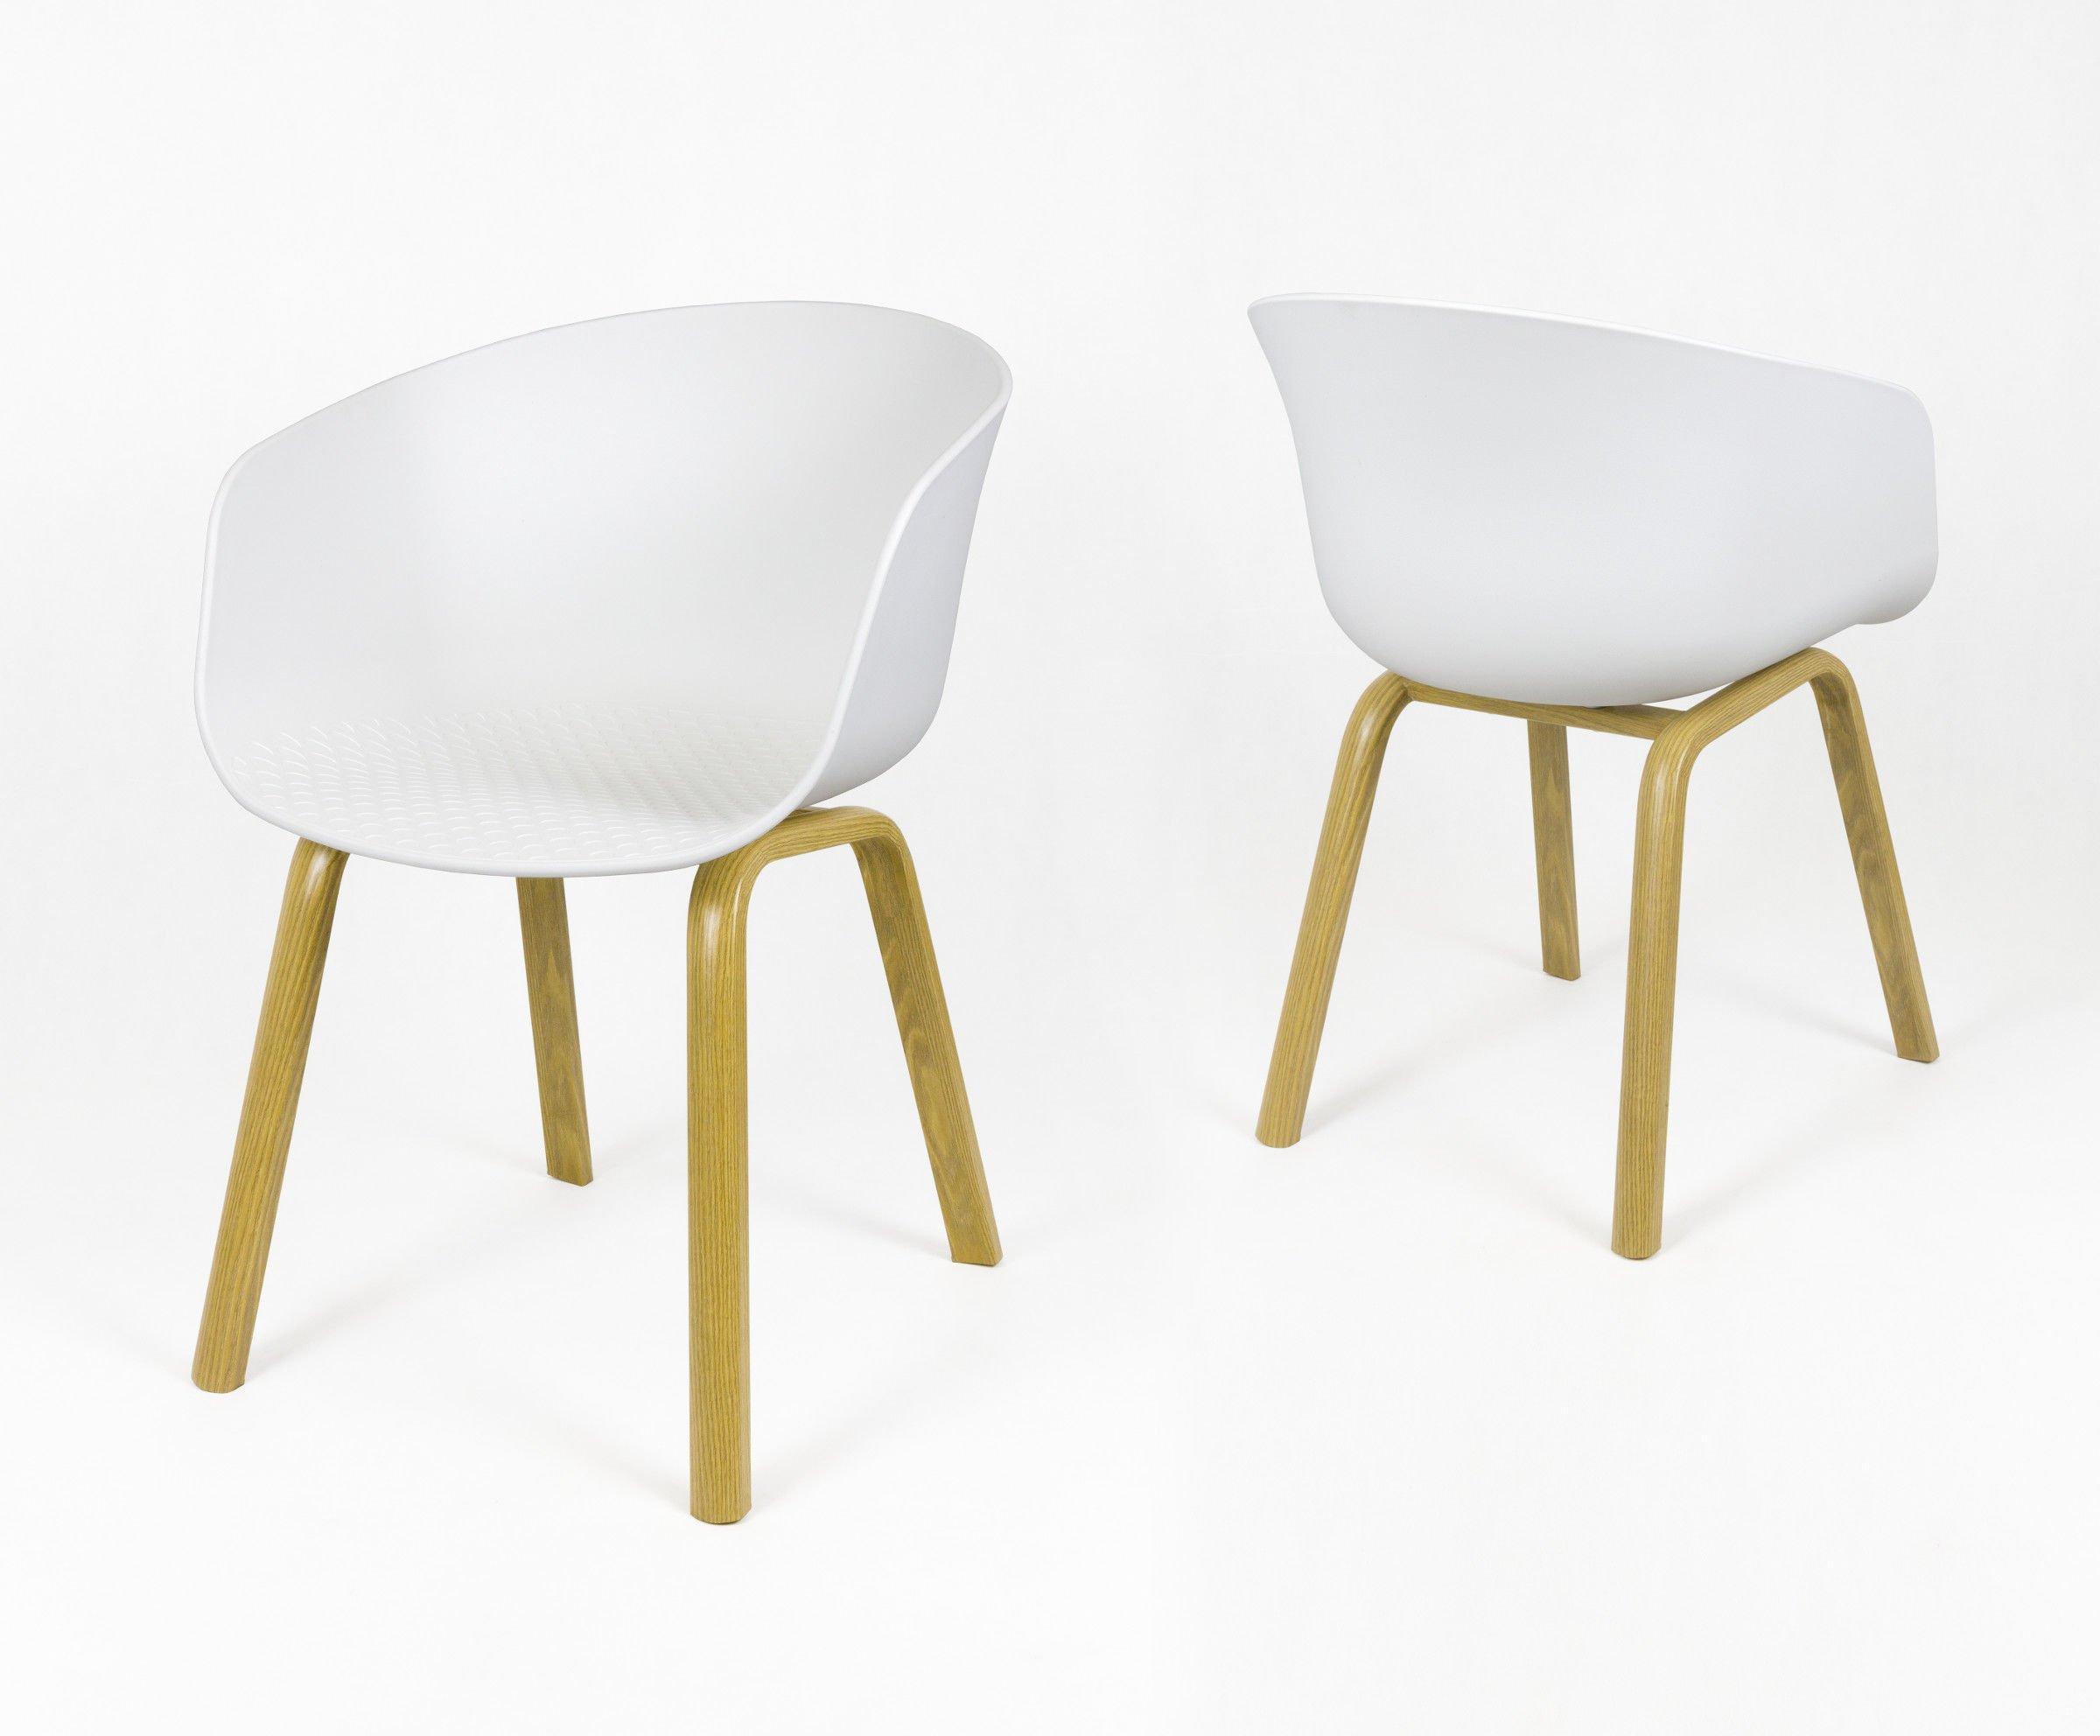 Sk Design Kr049 Weiss Stuhl Weiss Angebot Stuhlen Salon Esszimmer Kuche Stuhle Fur Das Wohnzimmer Salon Esszimmer Kuche Stuhle Fur Das Esszimmer Salon